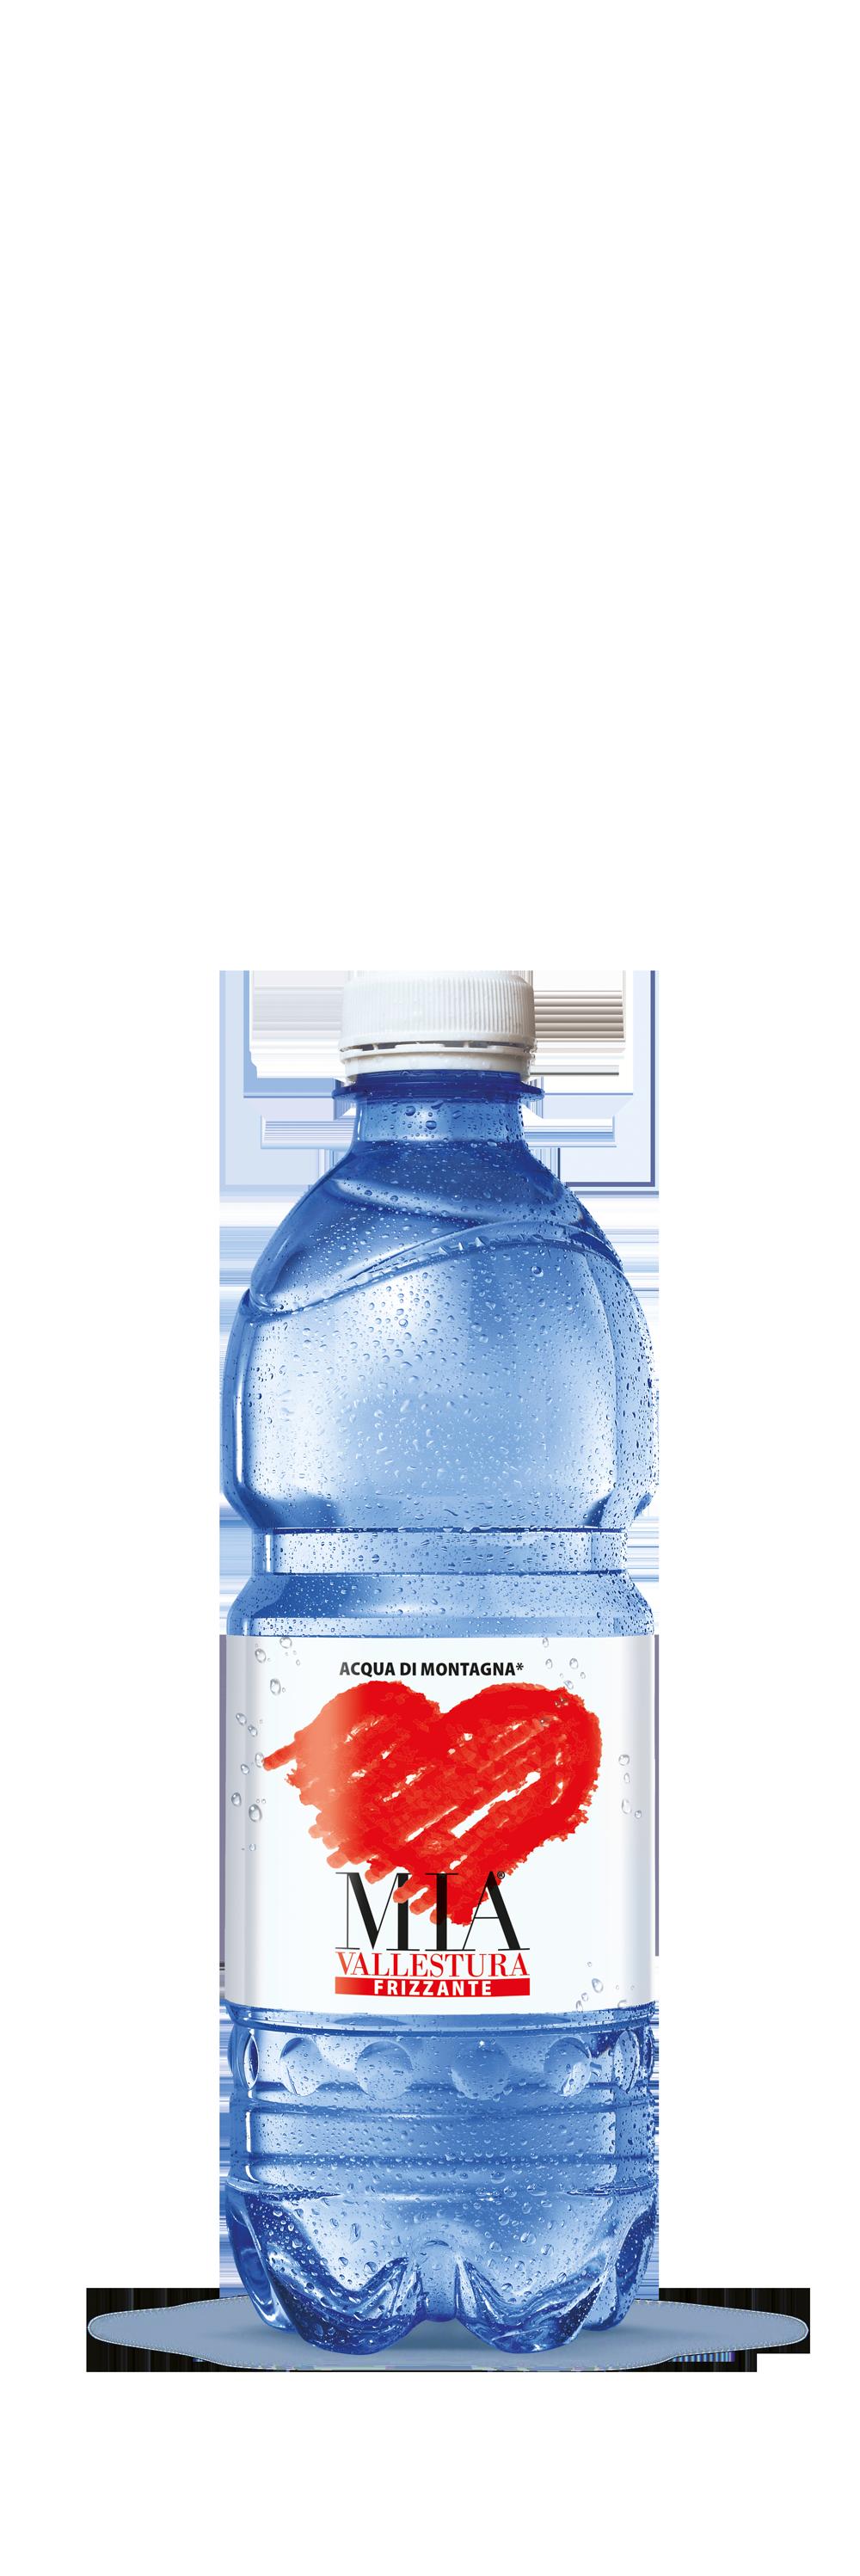 Acqua Mia Vallestura - Frizzante 0,5l